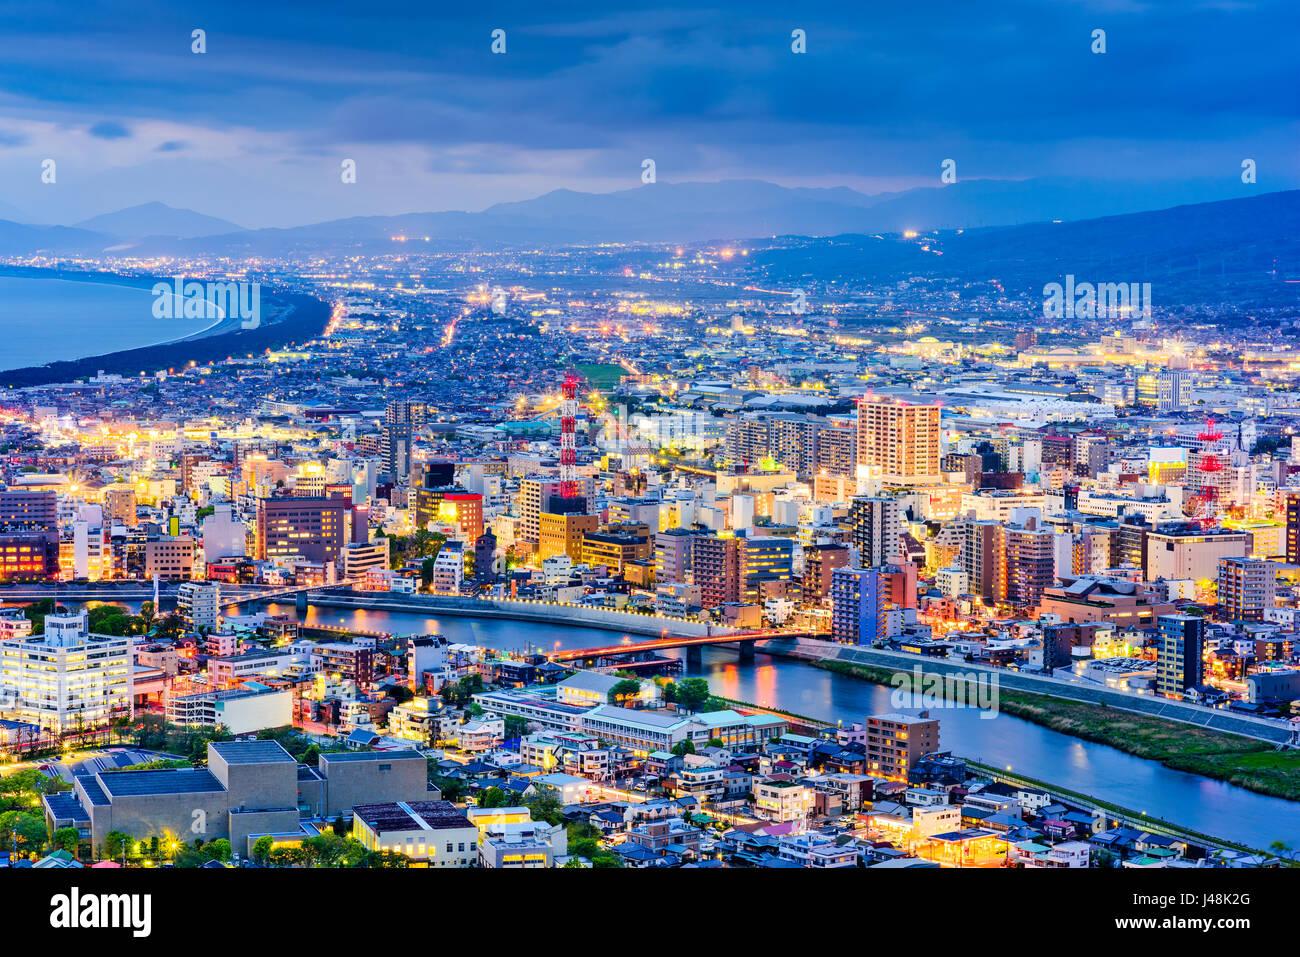 Skyline von Numazu, Japan in der Dämmerung. Stockbild